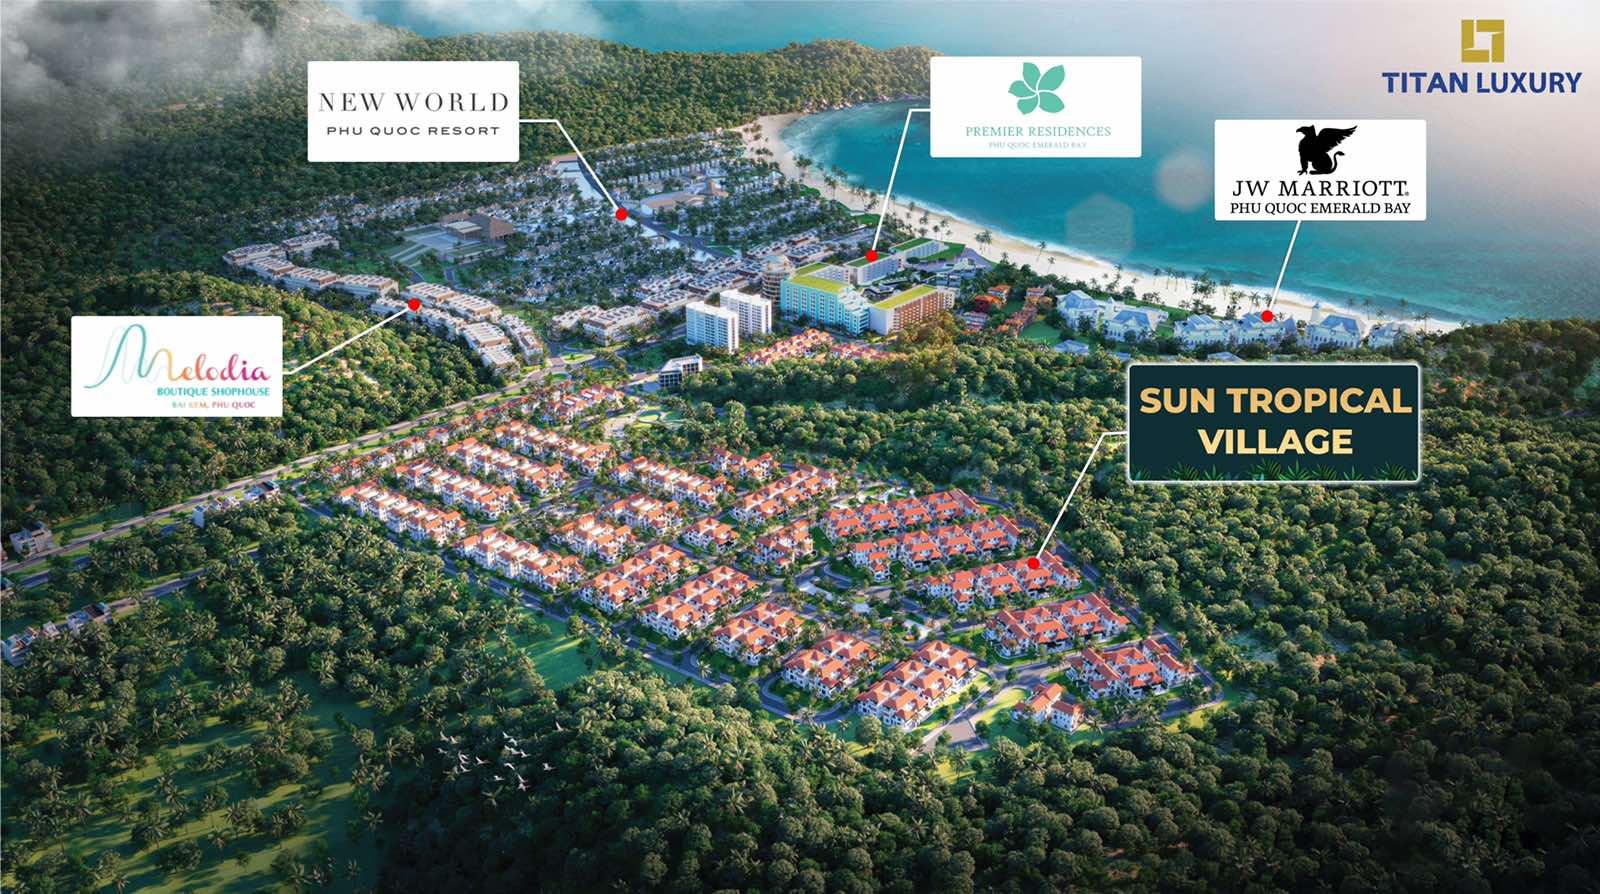 Sun Tropical Village là ngôi làng nhiệt đới ẩn mình giữa 3 tầng thiên nhiên